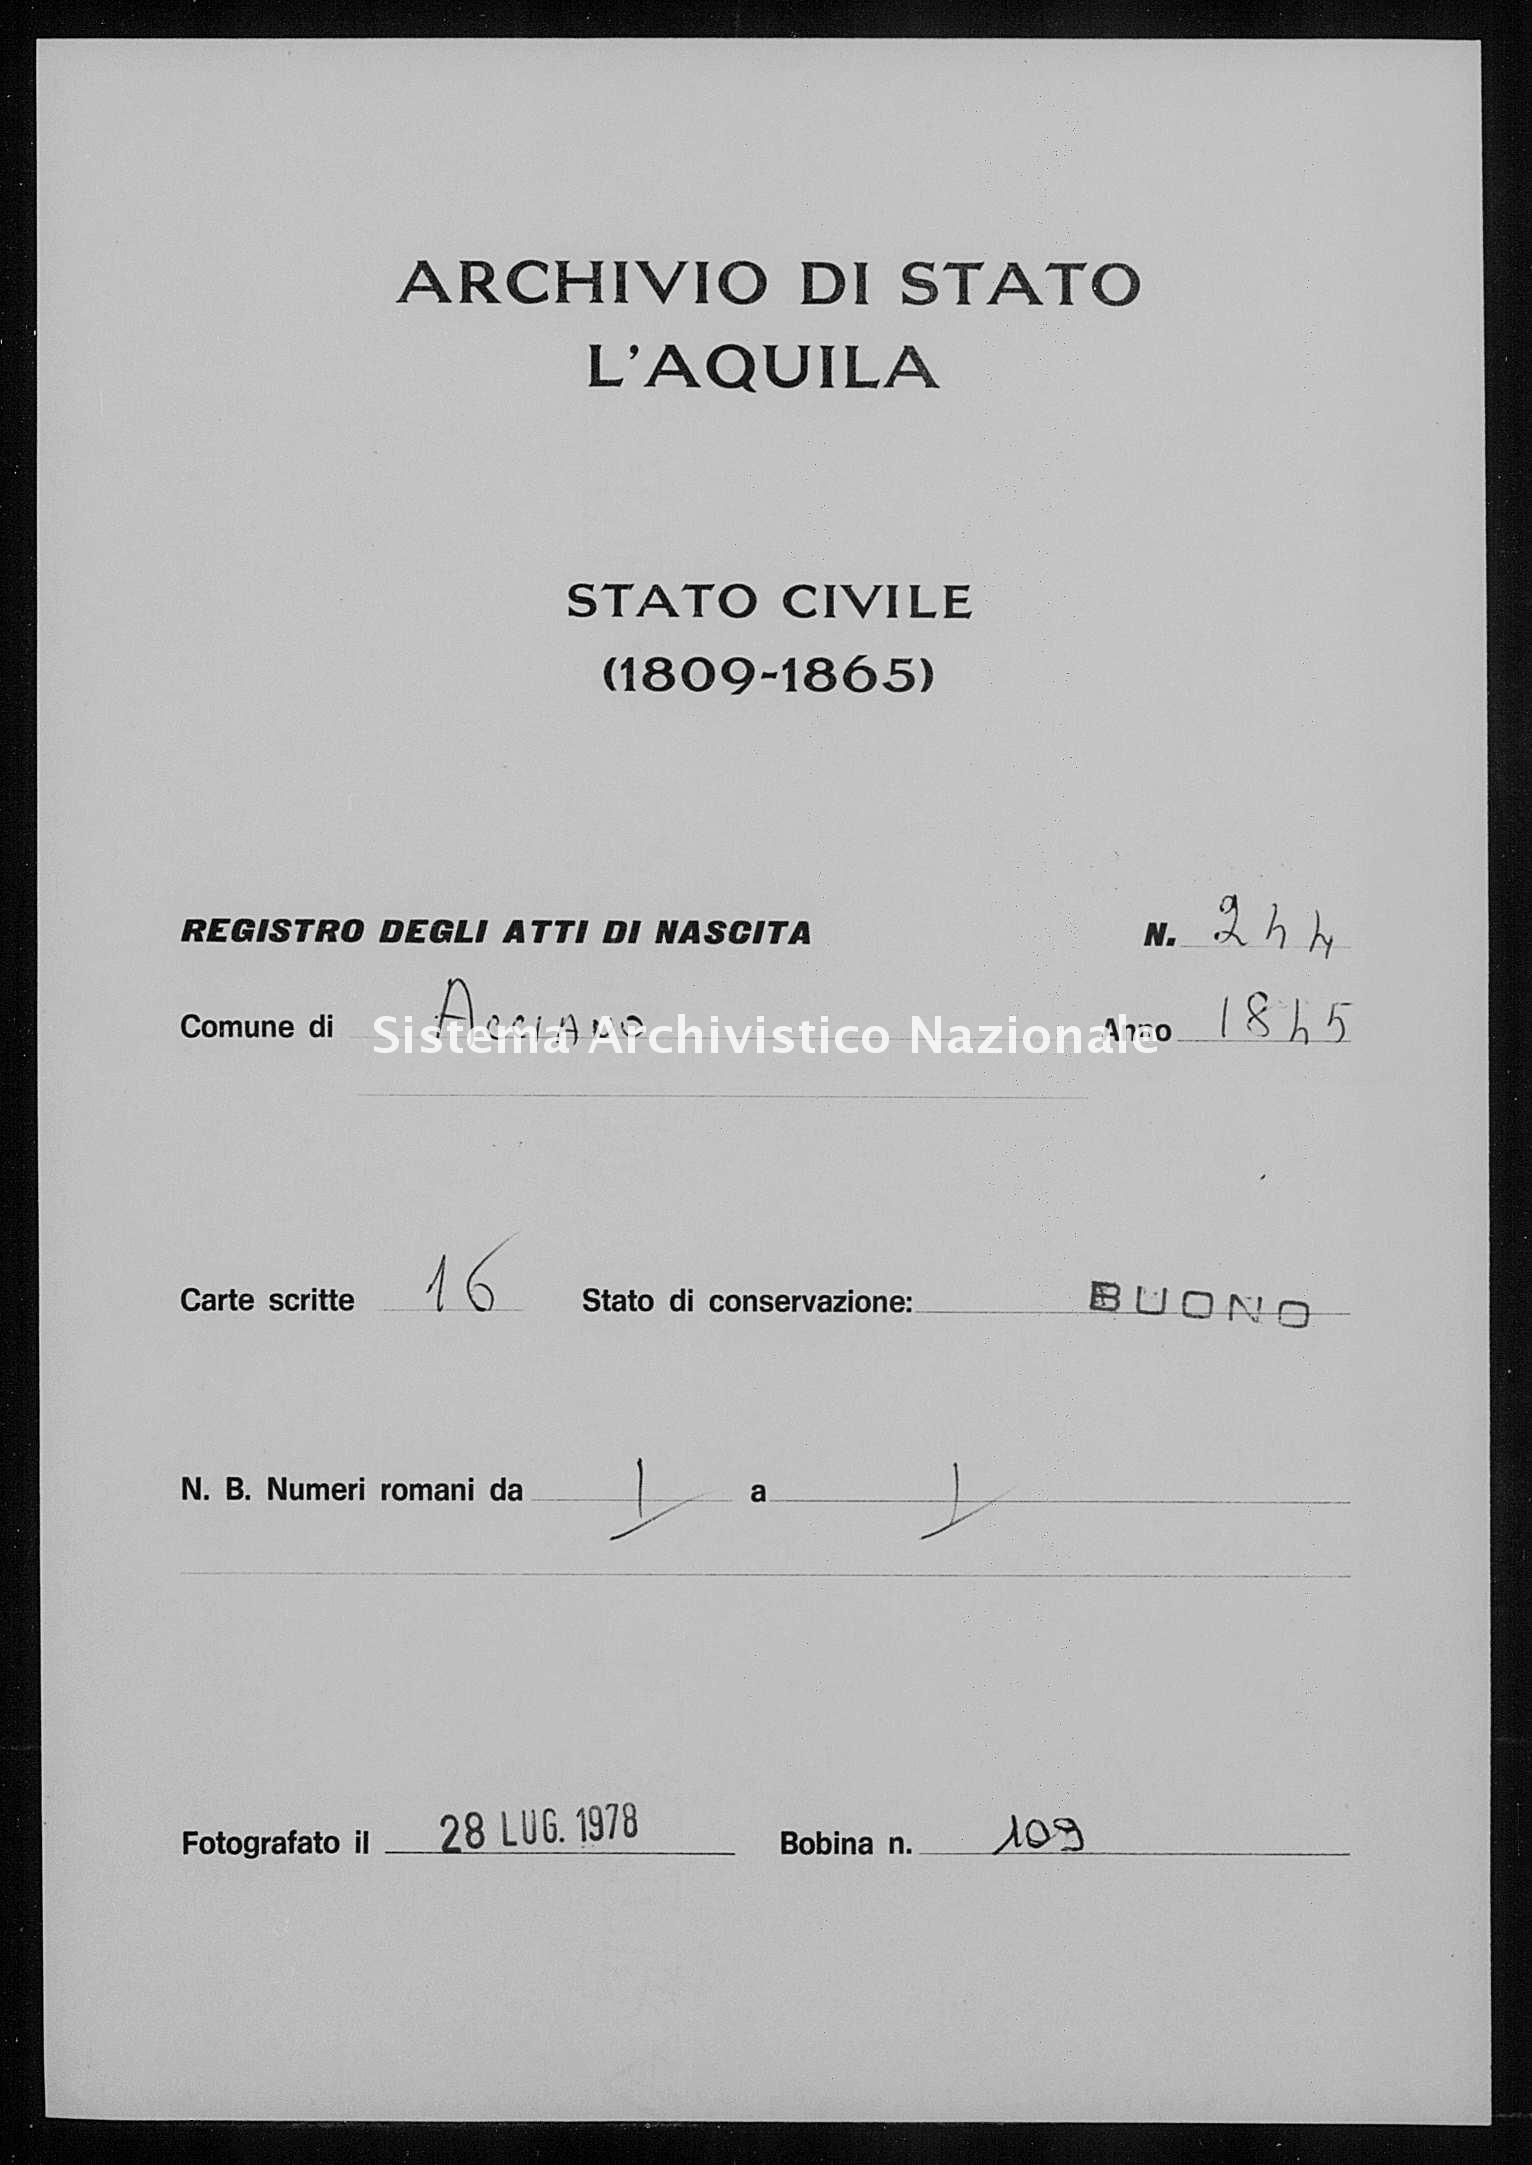 Archivio di stato di L'aquila - Stato civile della restaurazione - Acciano - Nati - 1845 - 244 -